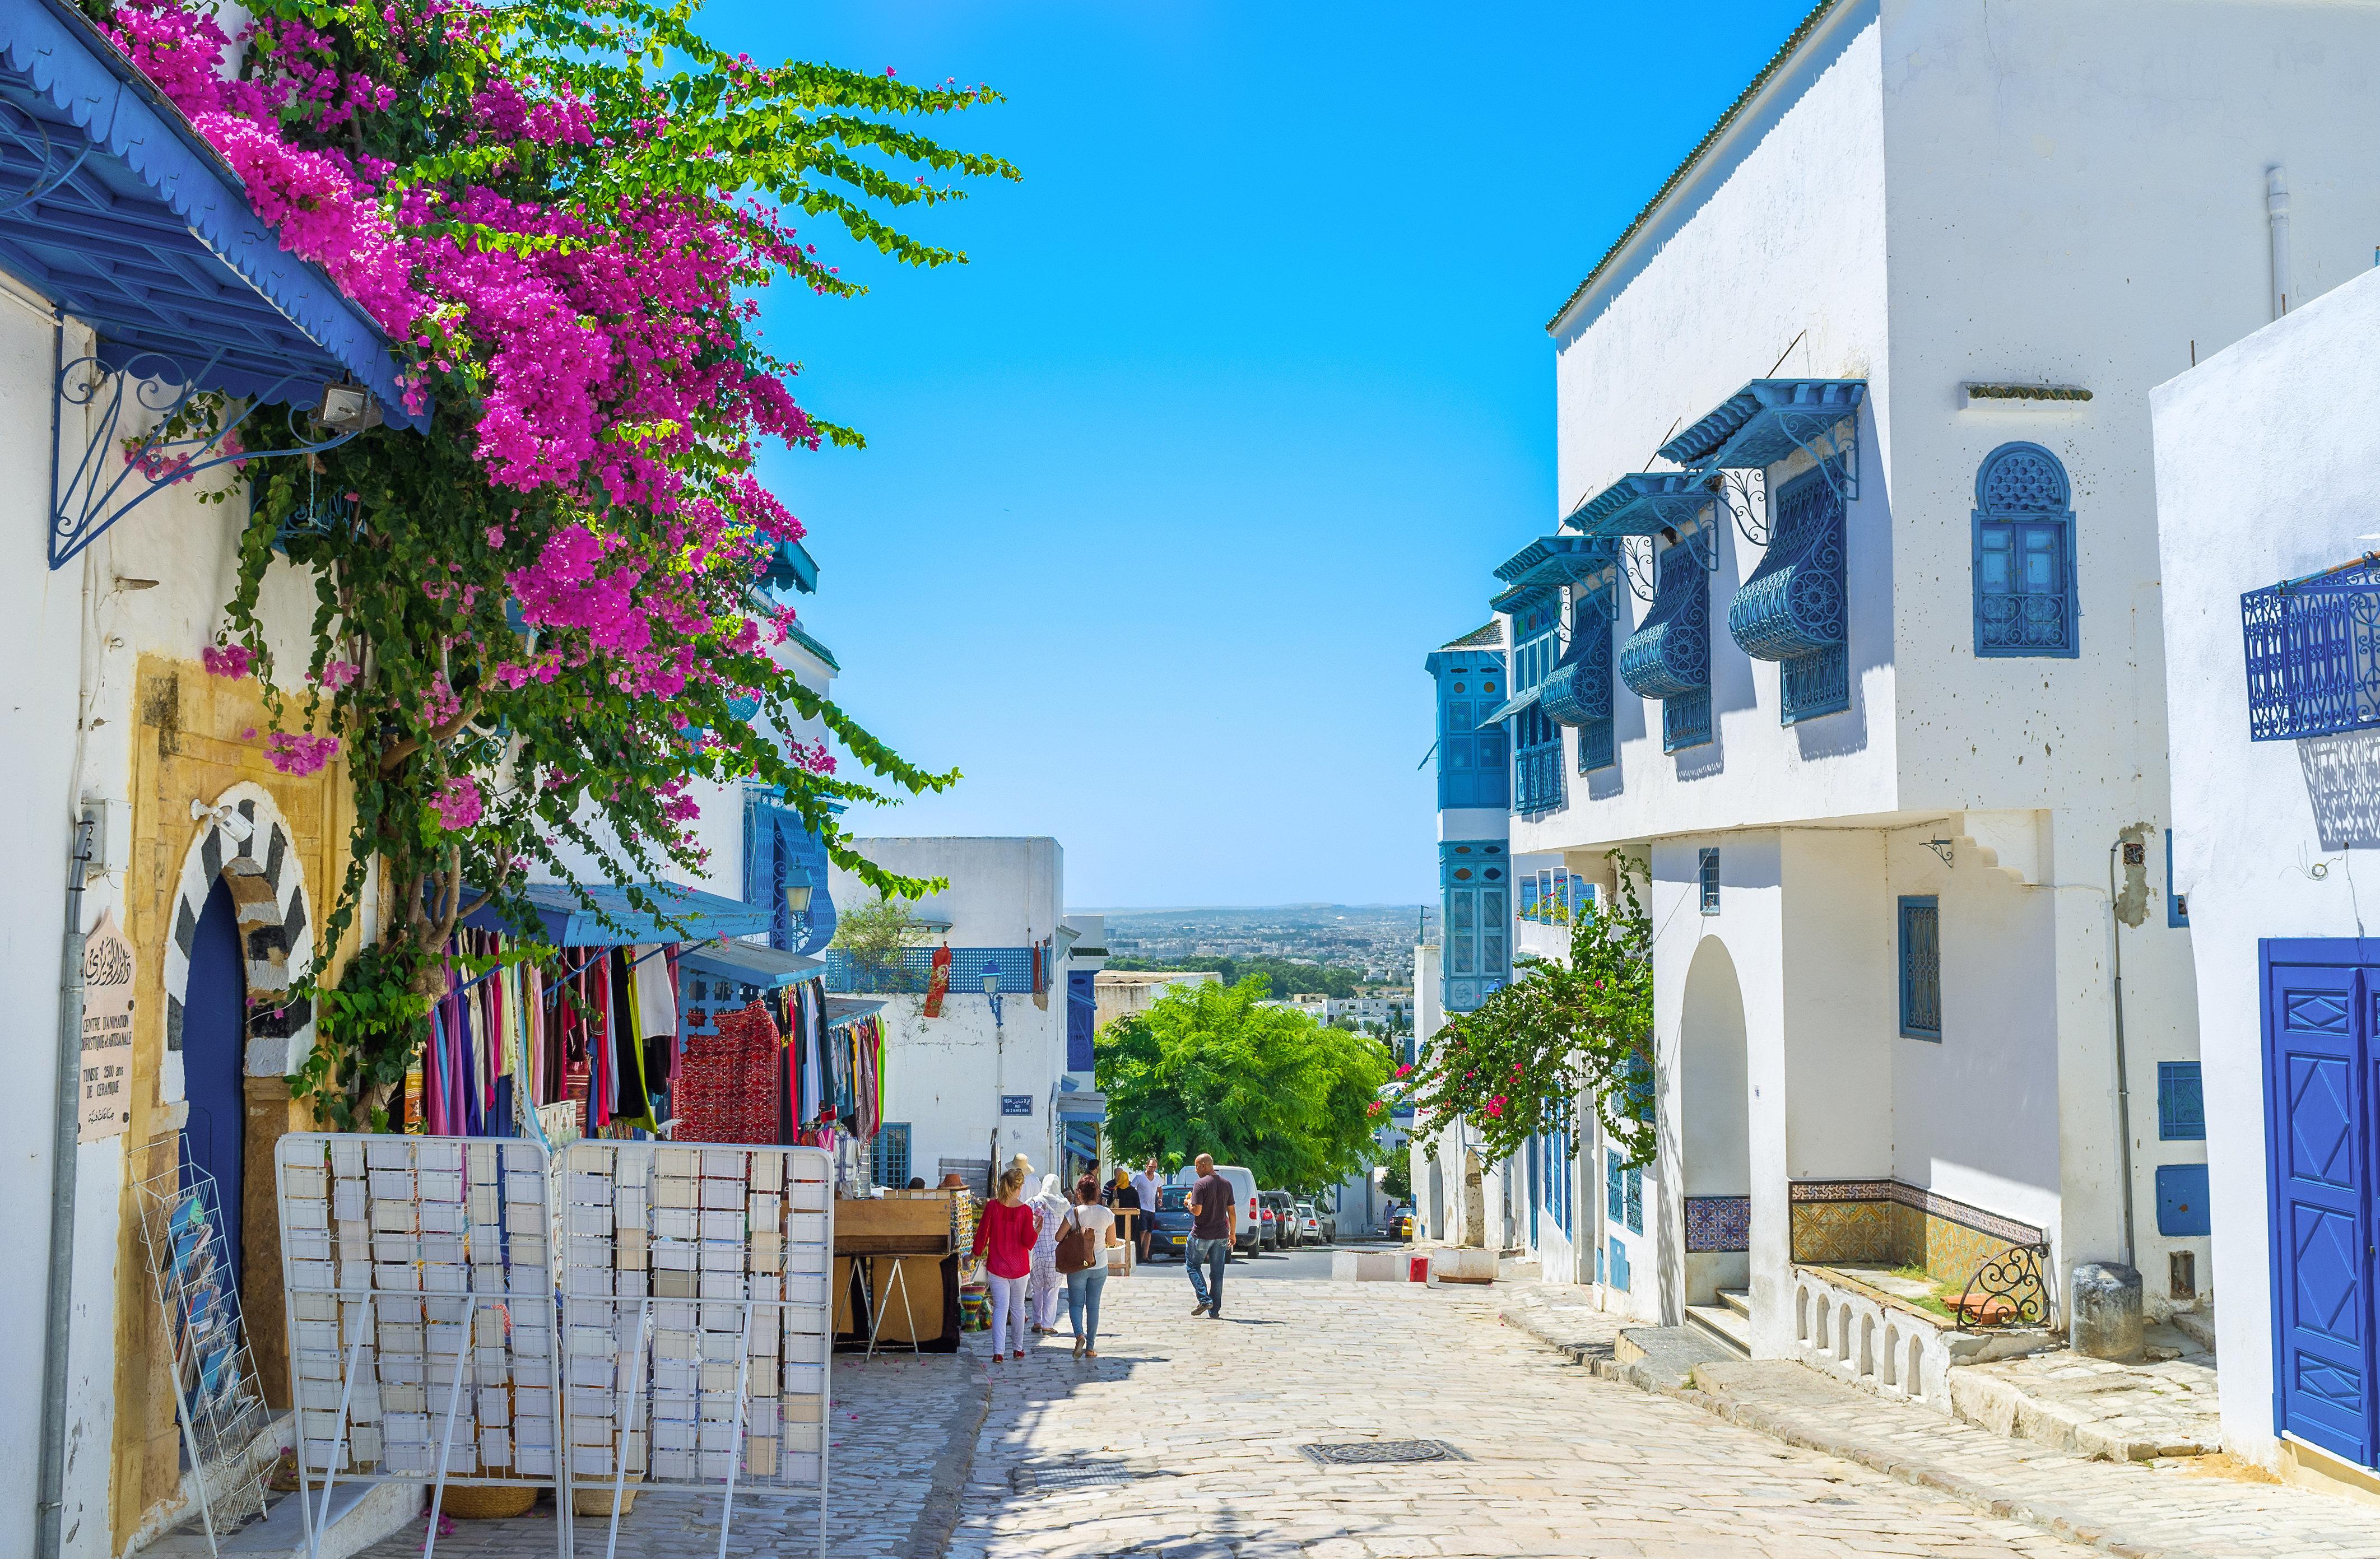 La Tunisie, une aubaine pour les retraités français d'après